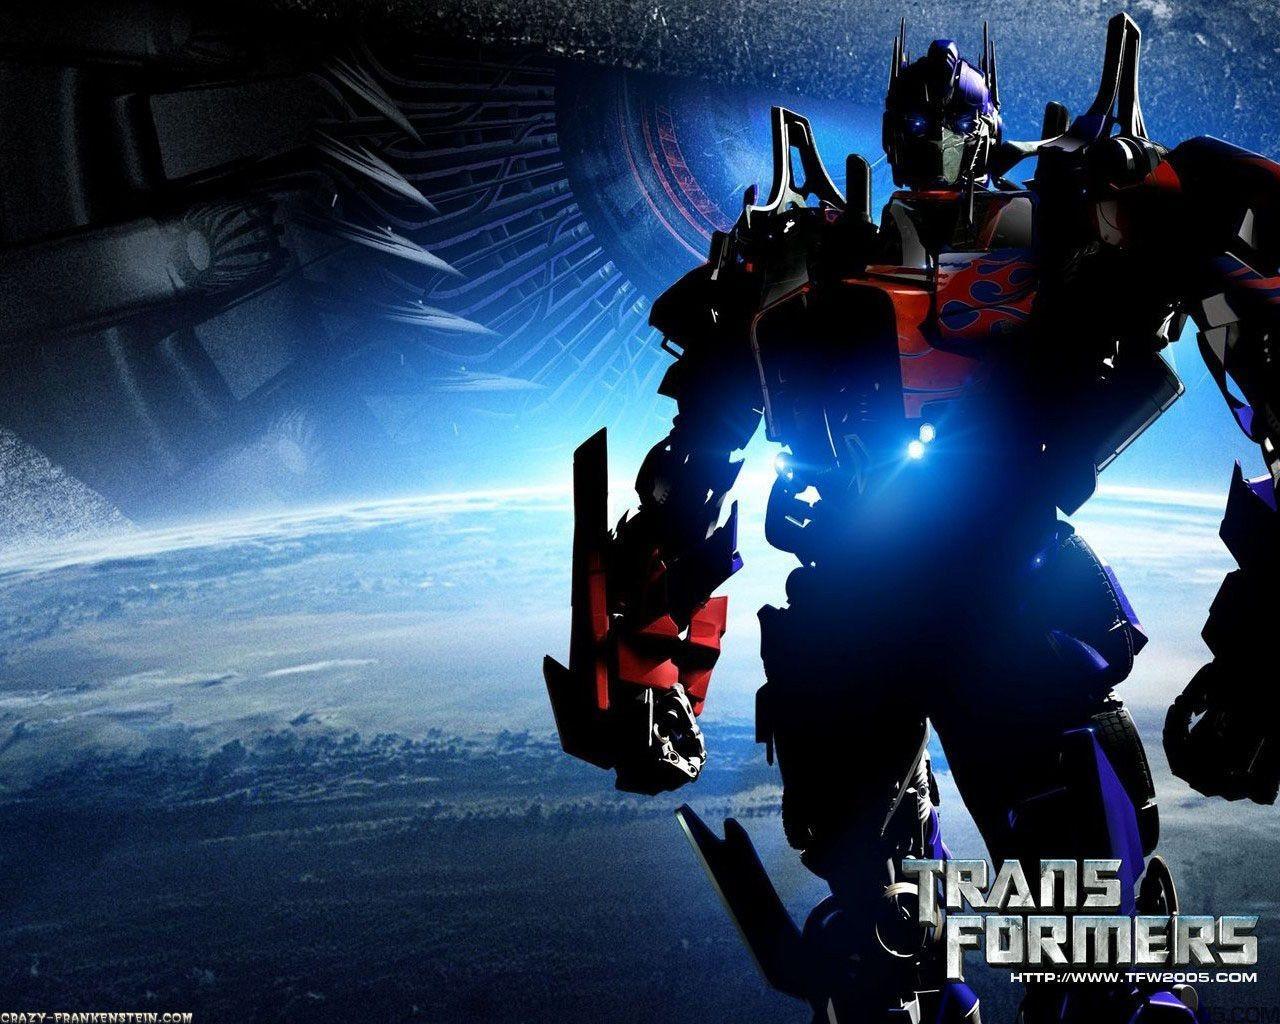 Hình nền : Robot, không gian, Công nghệ, Optimus Prime, máy móc, Ảnh chụp màn hình, 1280x1024 px, Hình nền máy tính, Diễn viên đóng thế, Game pc, ...